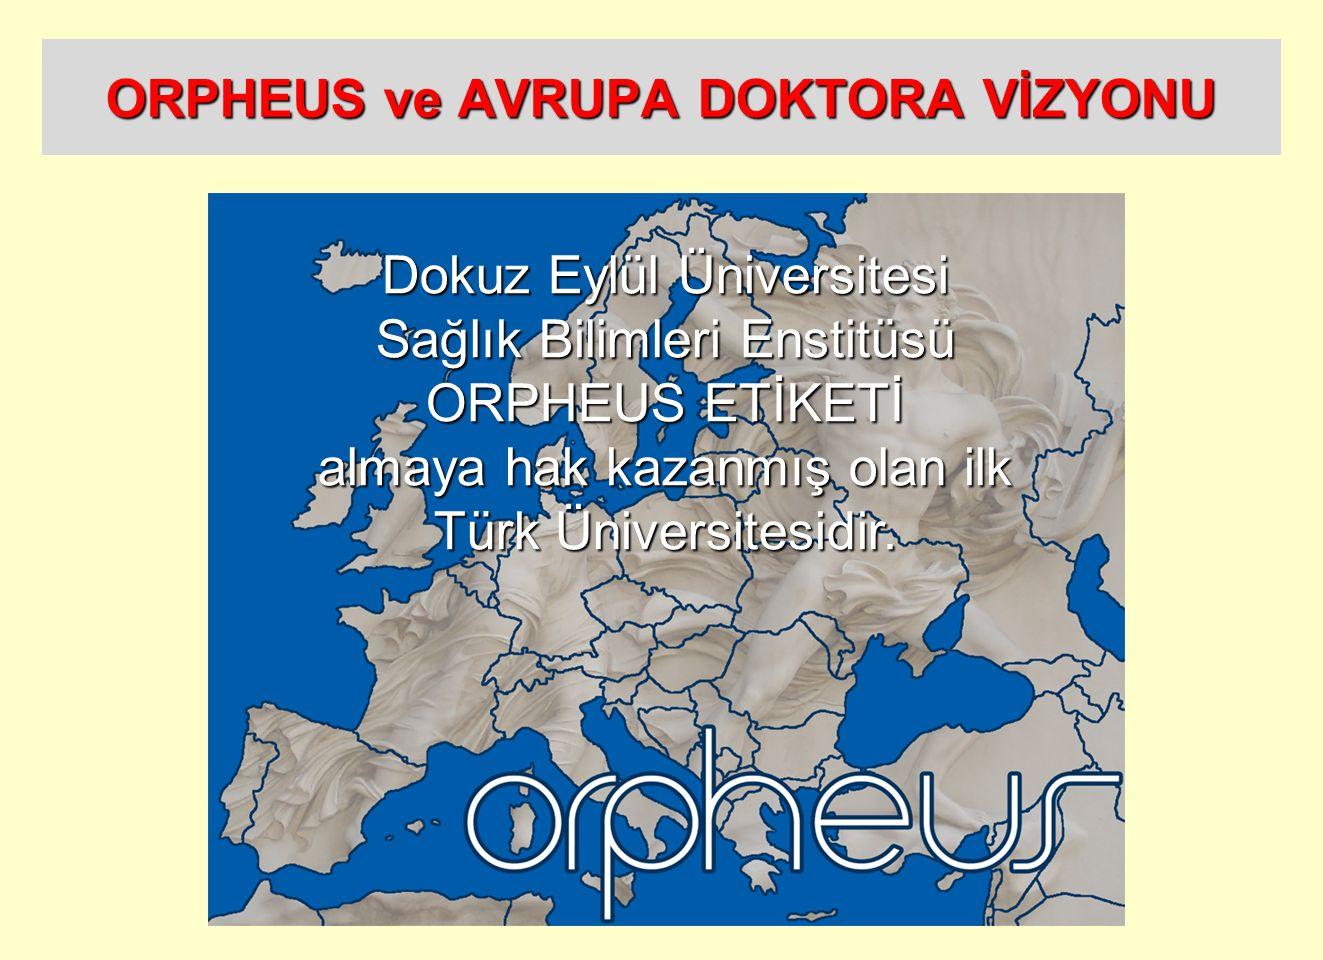 ORFE (ORPHEUS) VE EURYDIKE Orfe (Orpheus), kimilerince gerçekten yaşamamış efsanevi bir isim veya mitolojik bir şair olarak görülmesine karşın, ezoterizmde, Antik Yunan a bilgeliği Pisagor ve Platon'dan önce getirmiş, en büyük inisiyelerden biri olarak kabul edilir.mitolojikezoterizmdeAntik YunanPisagorPlaton Orfe nin sevgili karısı bir meşe nemf i olan Eurydiki bir gün Aristaeus'tan kaçarken ayaklarına bir yılan dolanır.